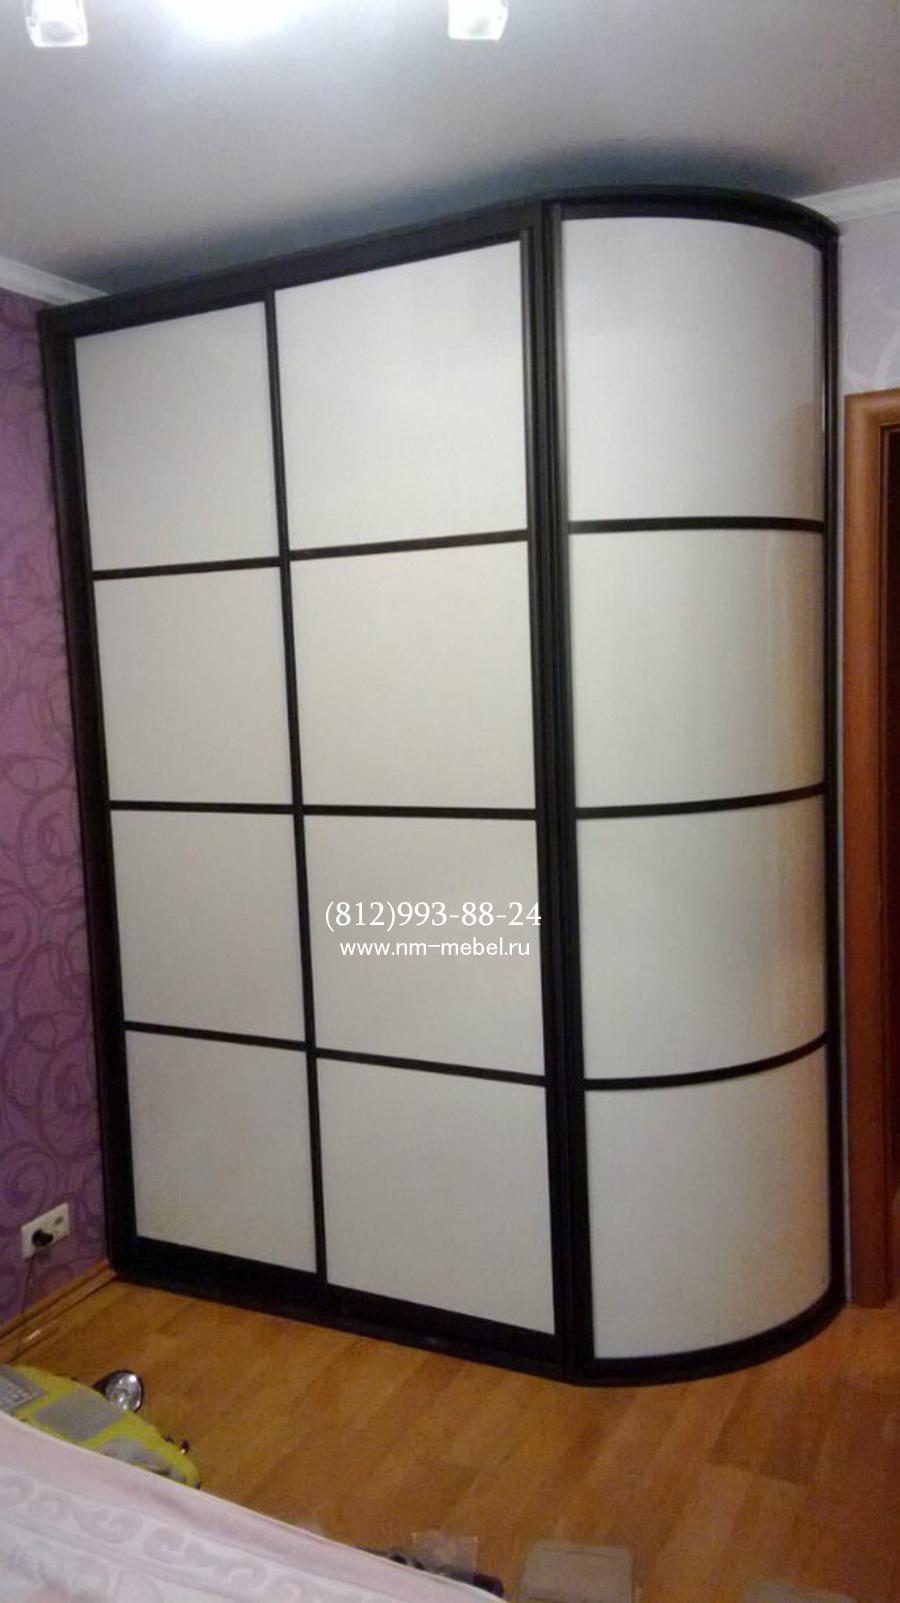 Фото и картинки. круглые и радиальные шкафы с дверьми купе и.